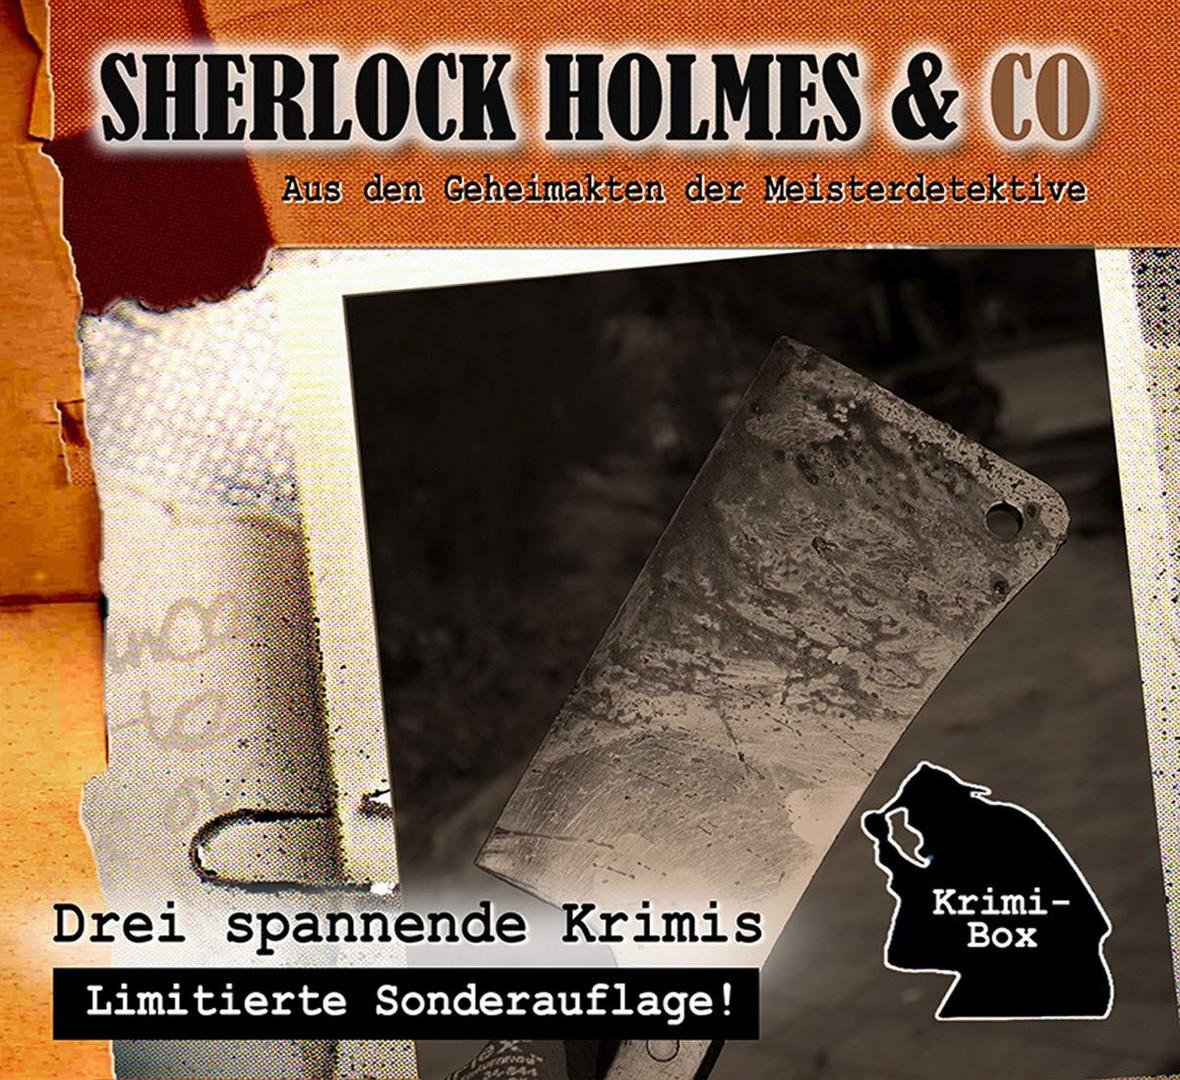 Sherlock Holmes und Co. Krimi-Box 13 mit den Folgen 39-41